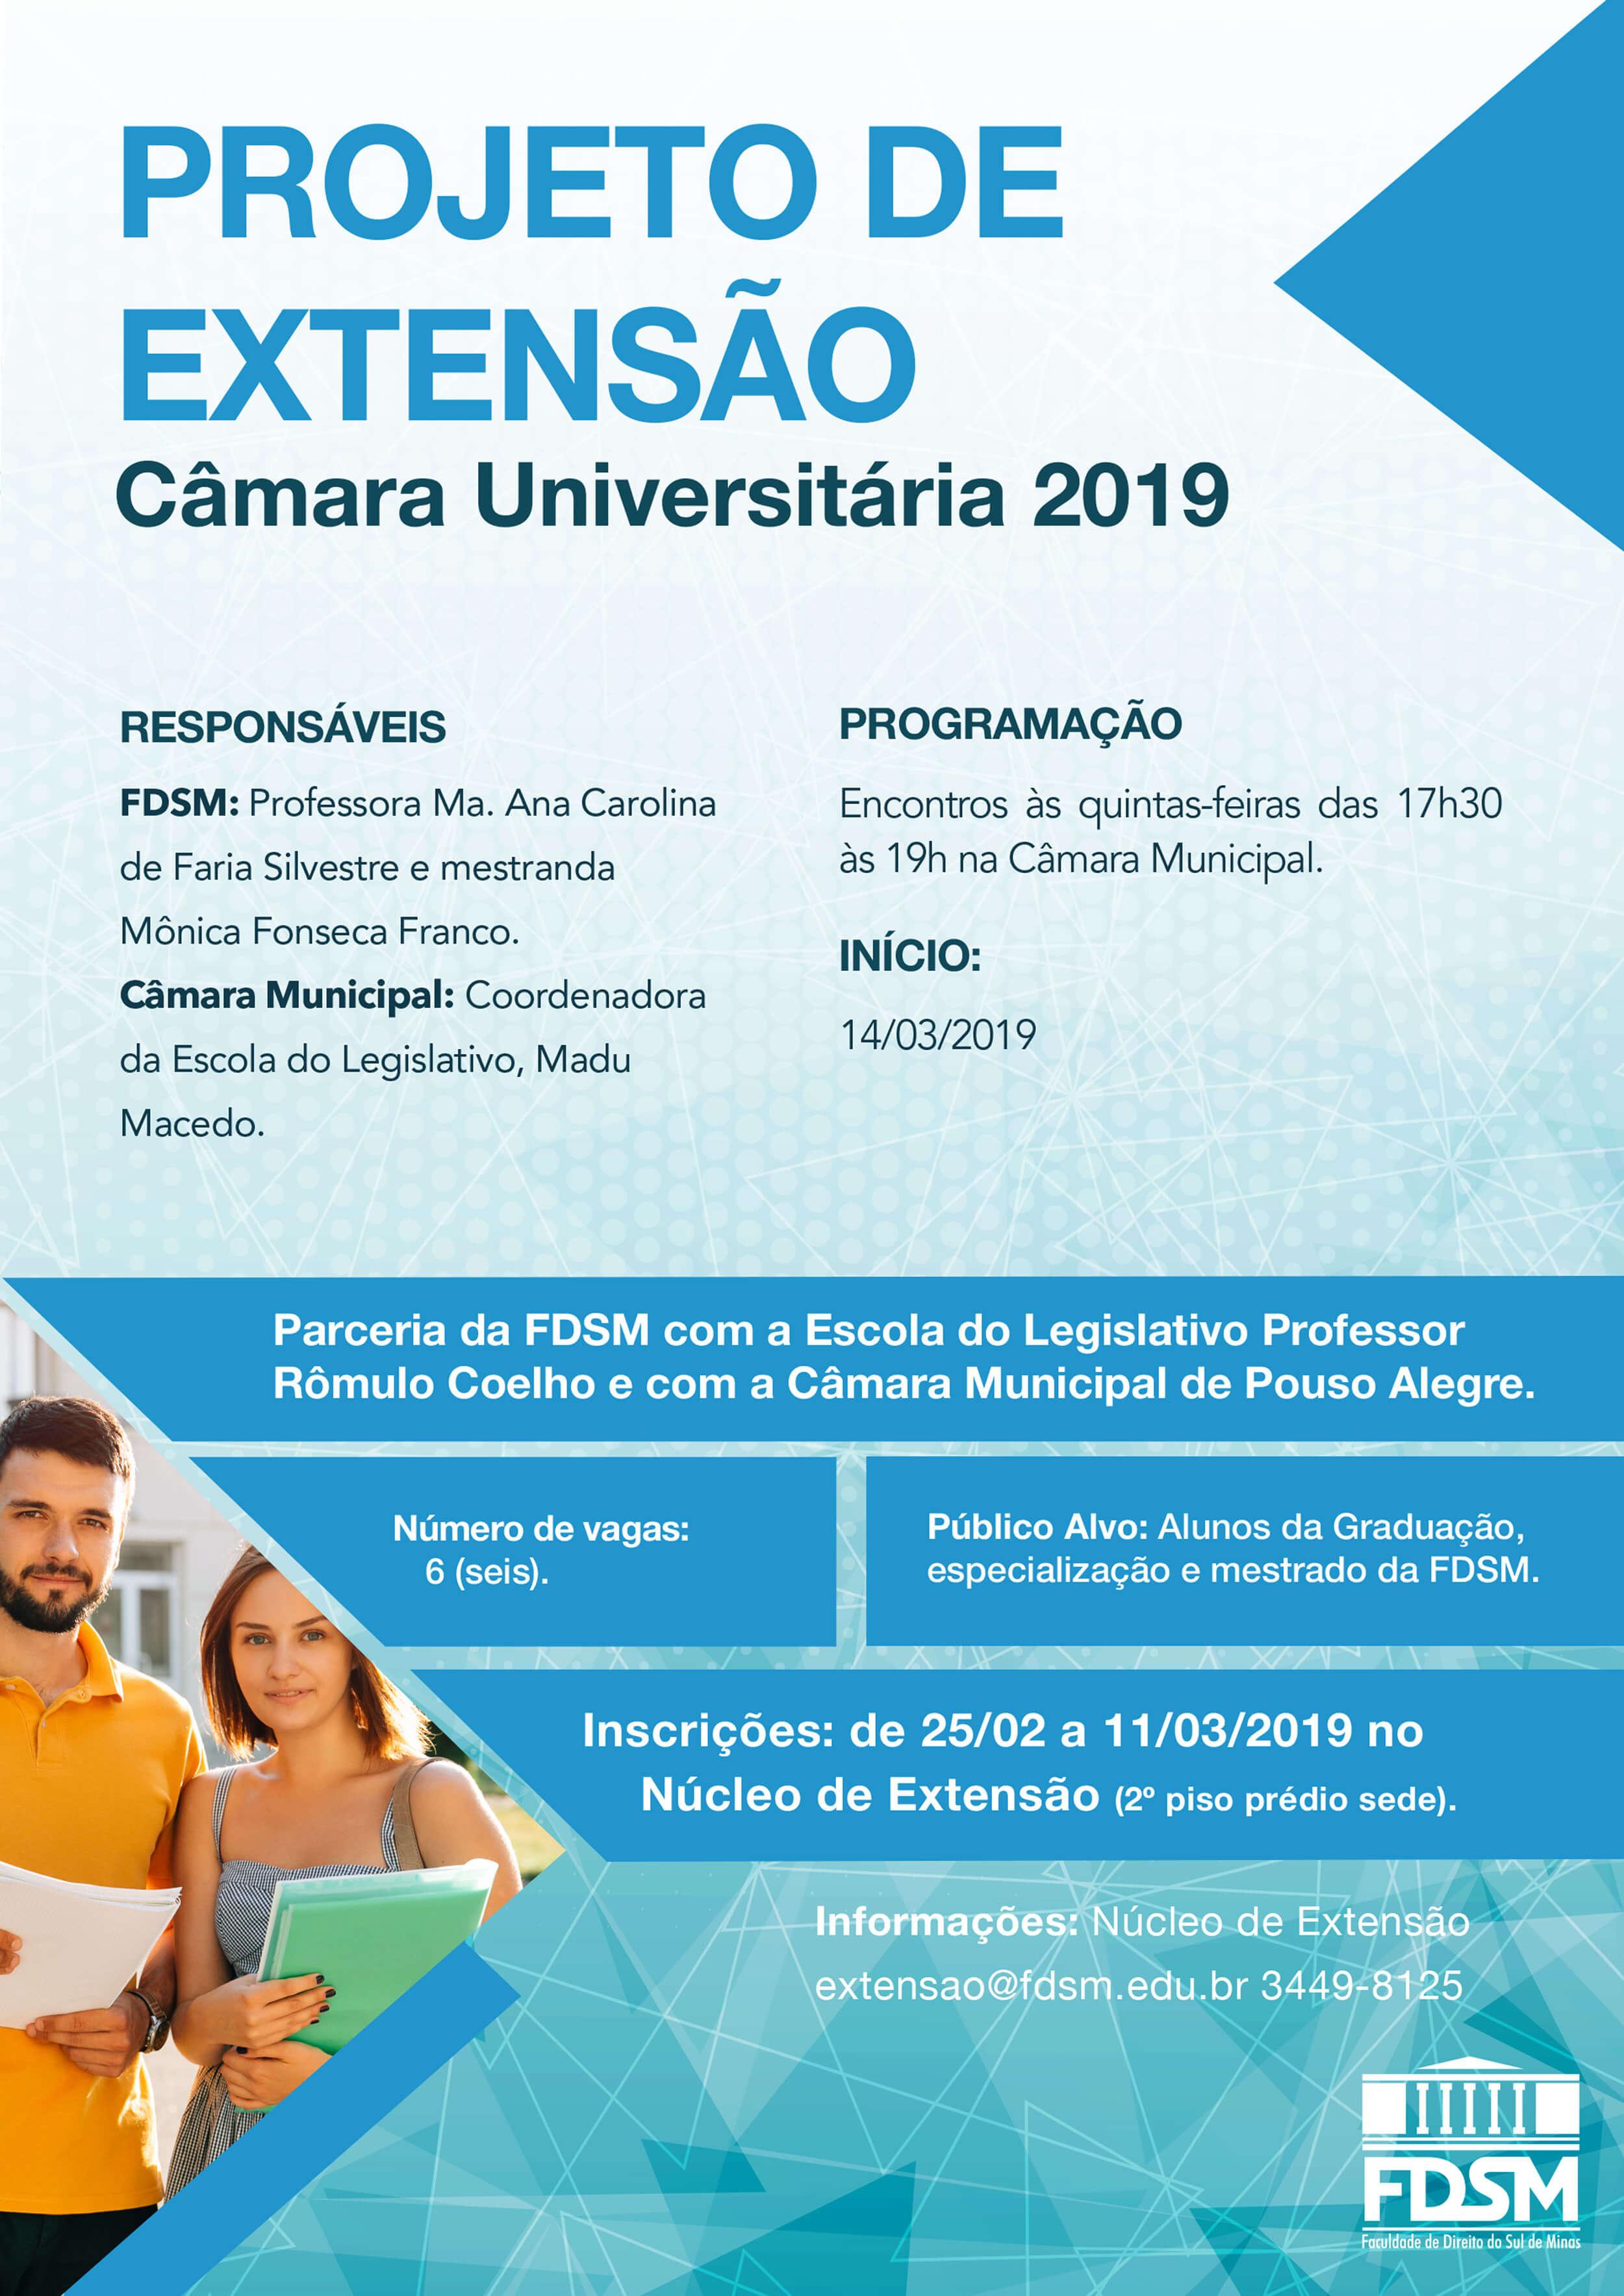 Cód 431: Câmara Universitária 2019